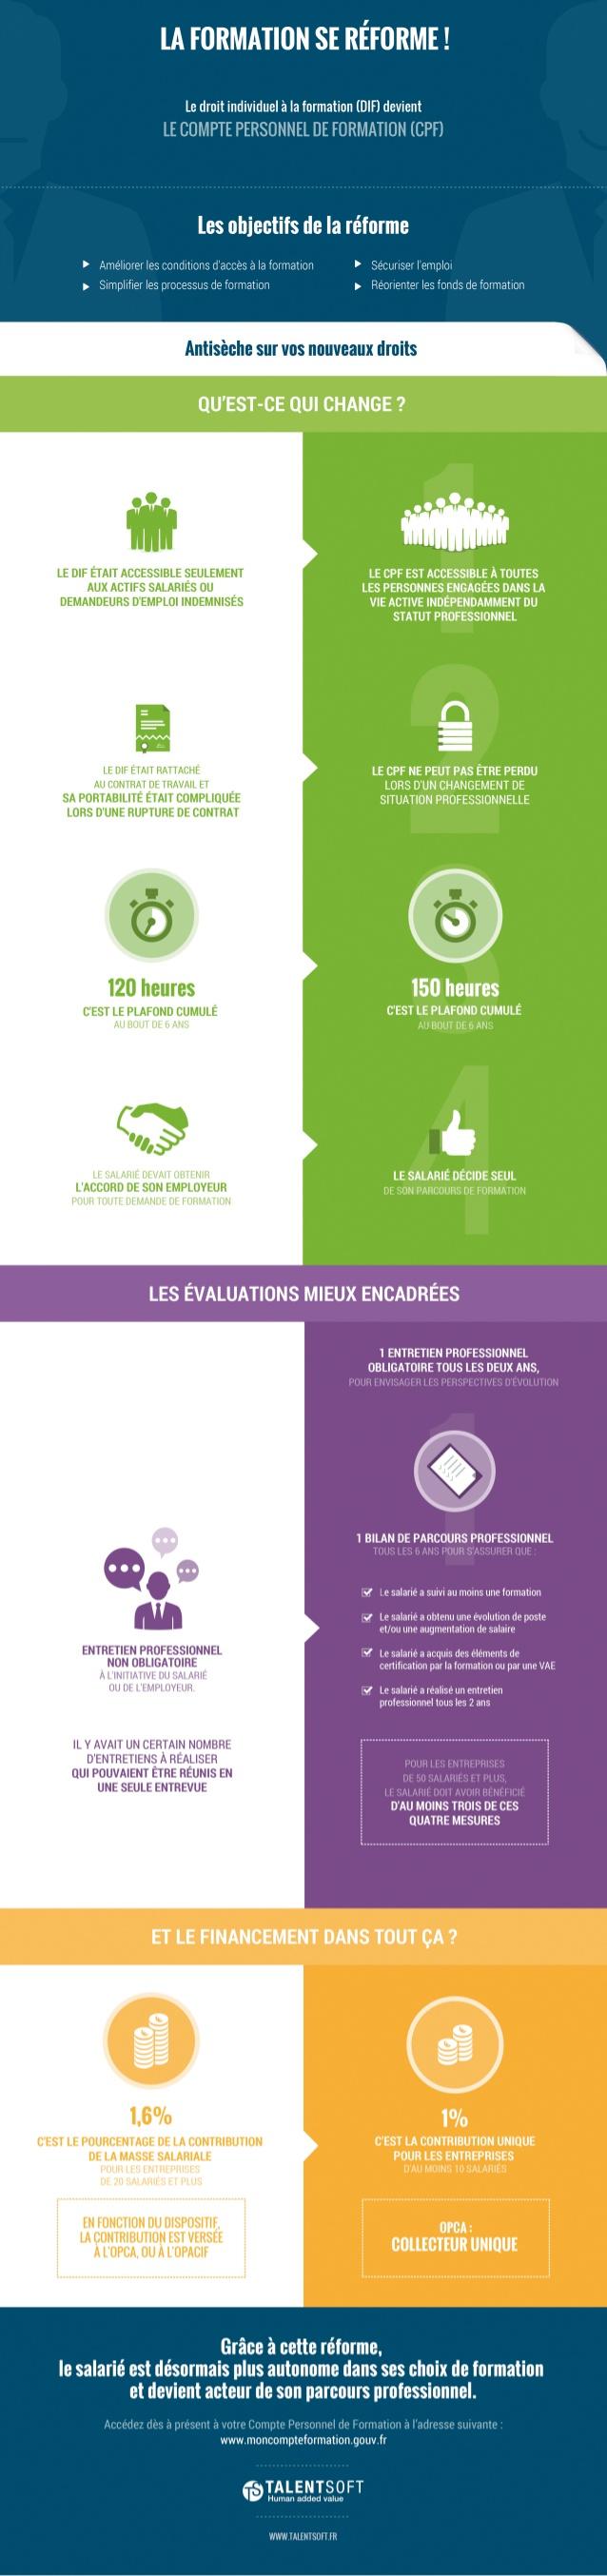 Infographie Reforme De La Formation Professionnelle Qu Est Ce Qui Change Vraiment